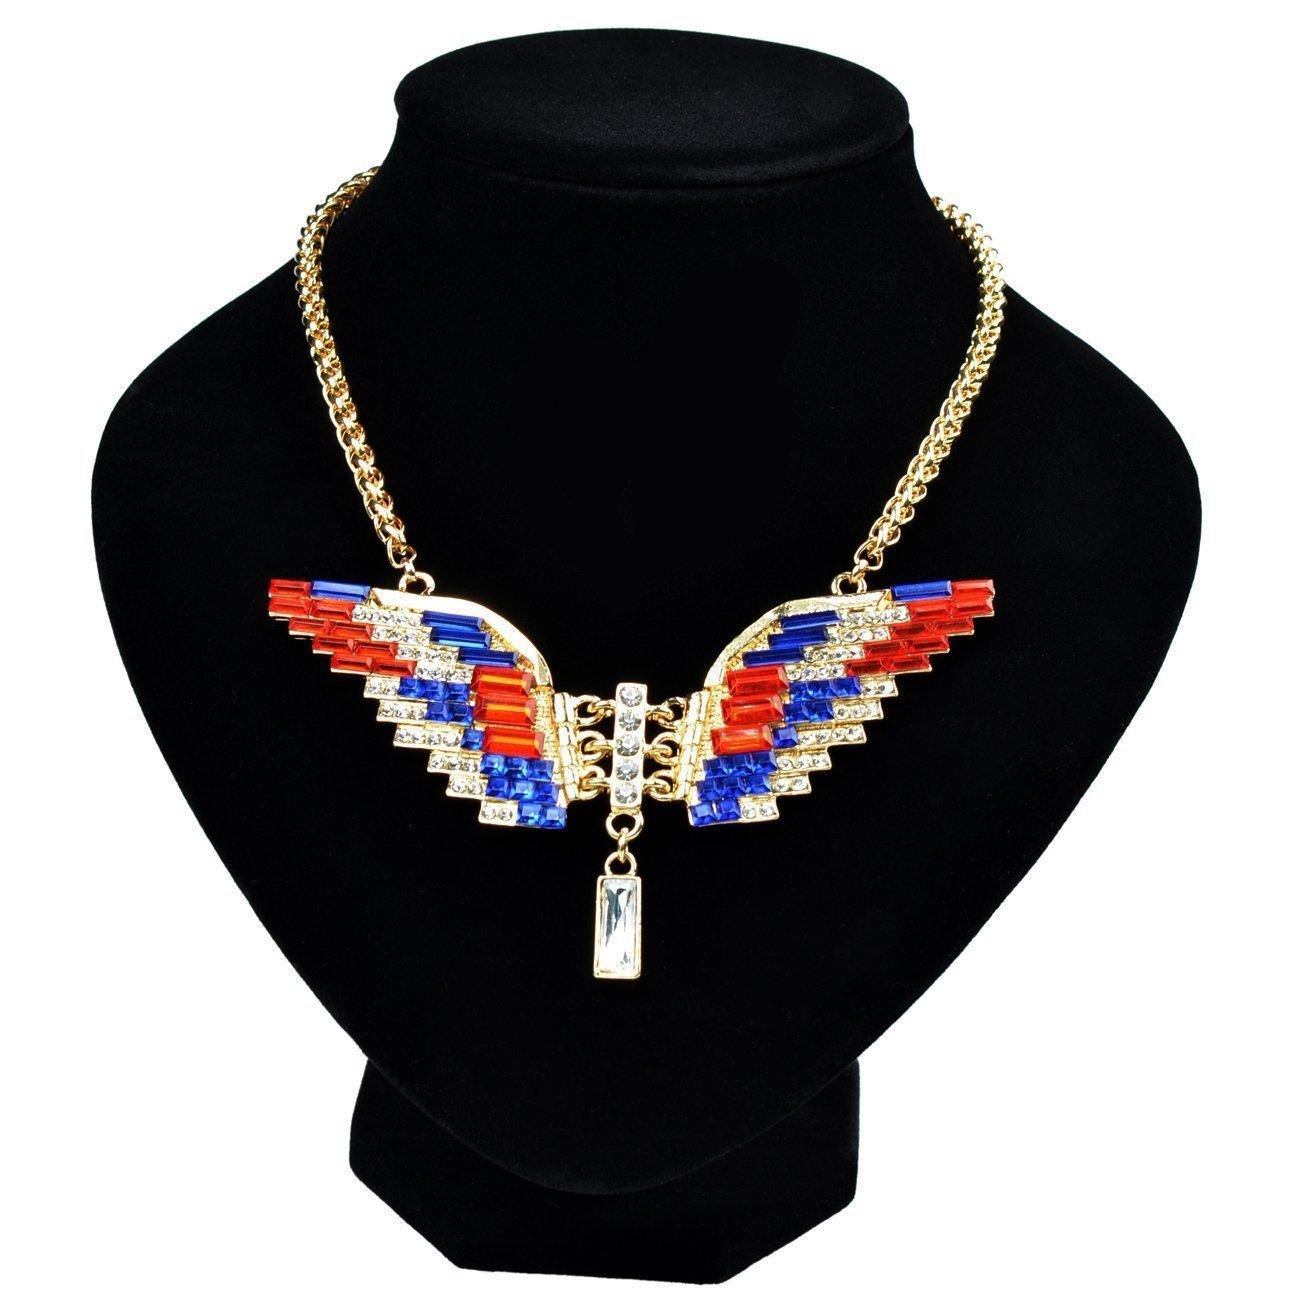 TOOGOO(R) nero Supporto esposizione dell'orecchino del pendente del collare dei monili del braccialetto del mannequin negozio - XL 049243